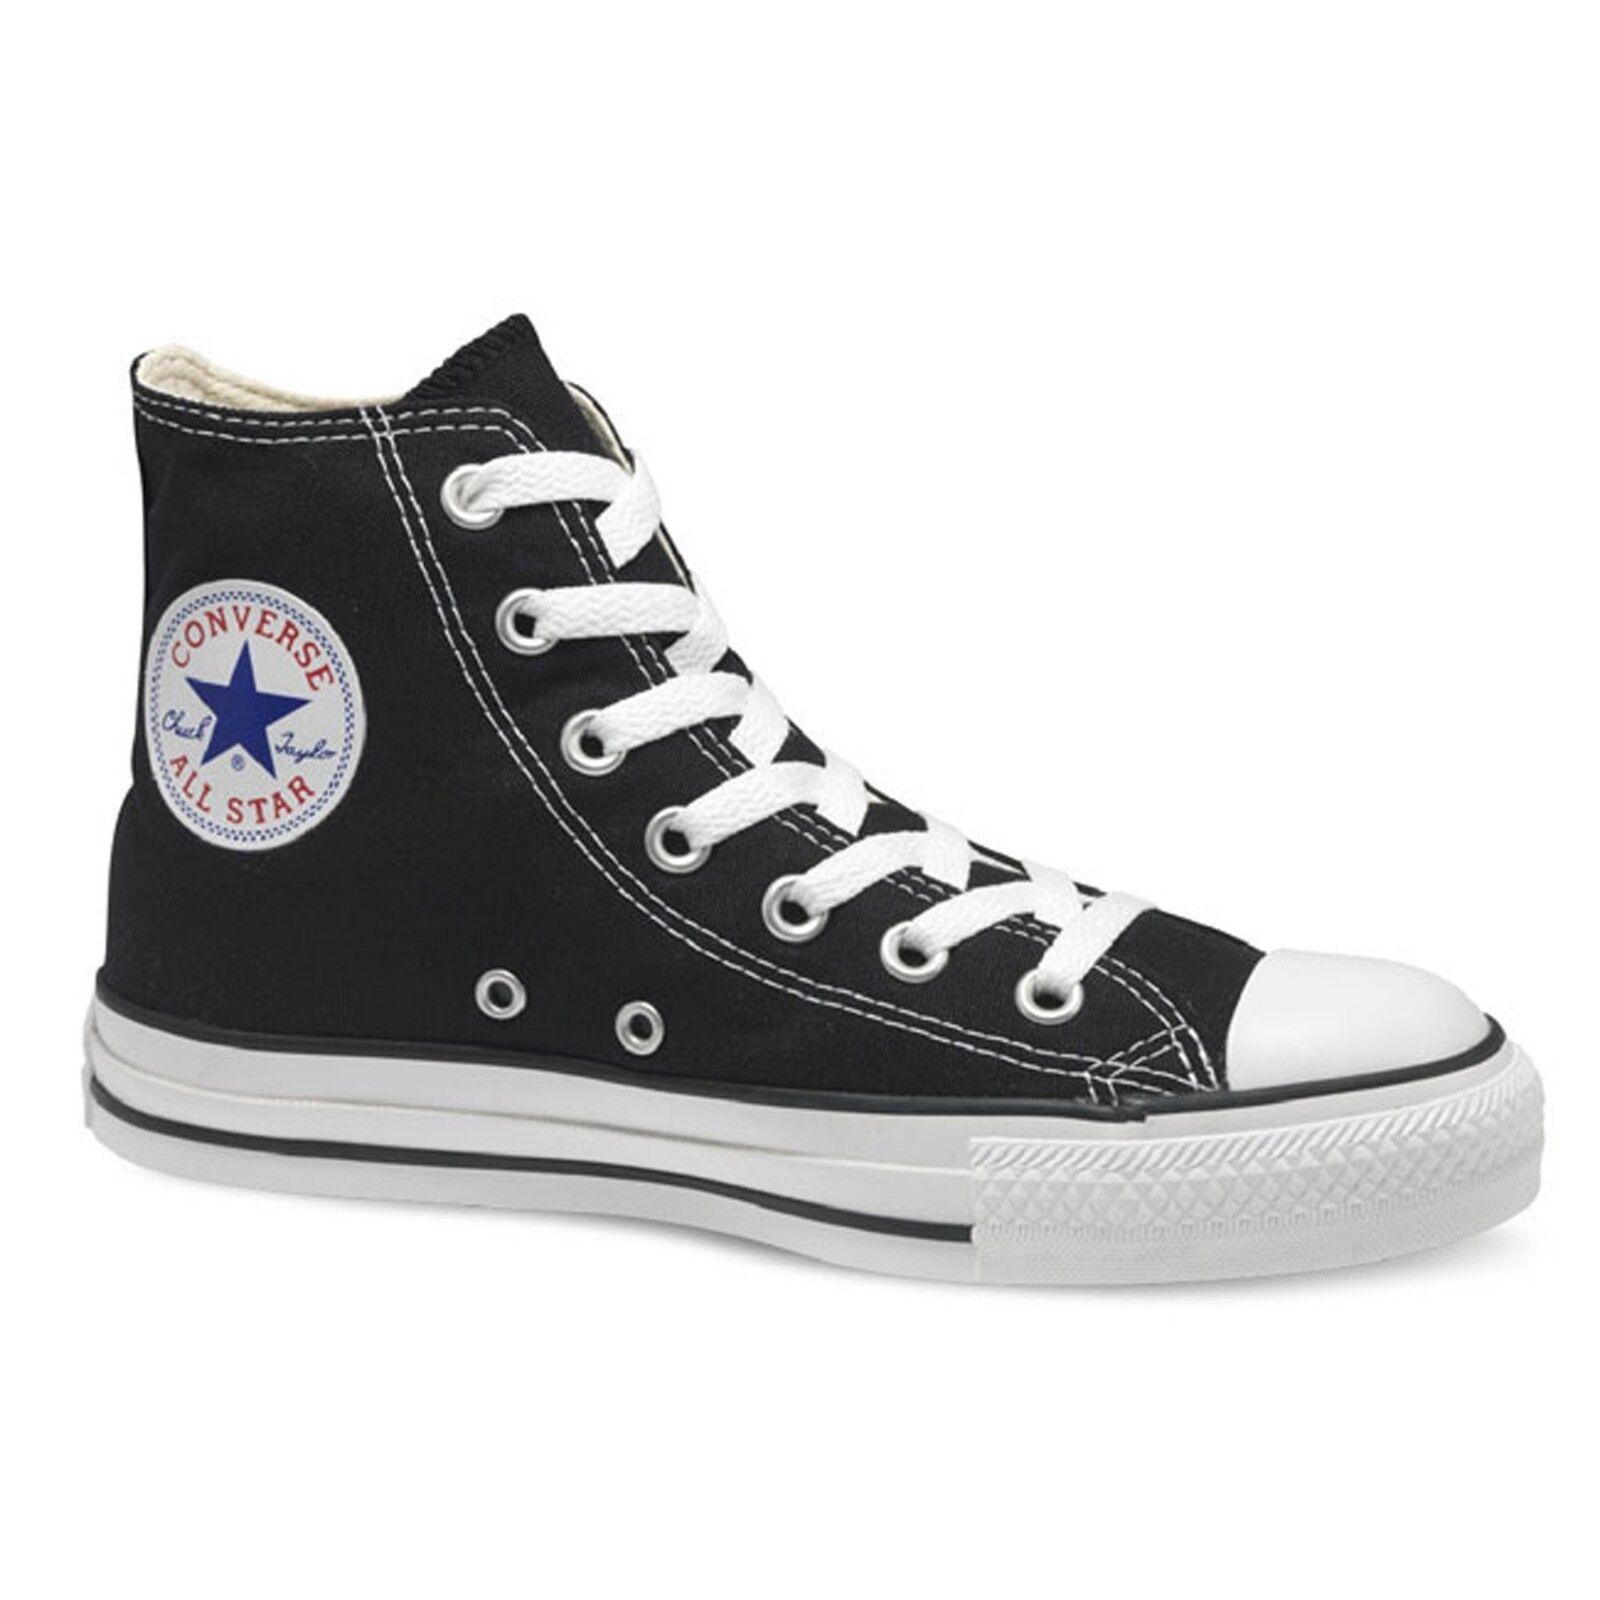 Converse All Star HI In Tela men women shoes Nere Alte Scarpa Nera M9160C